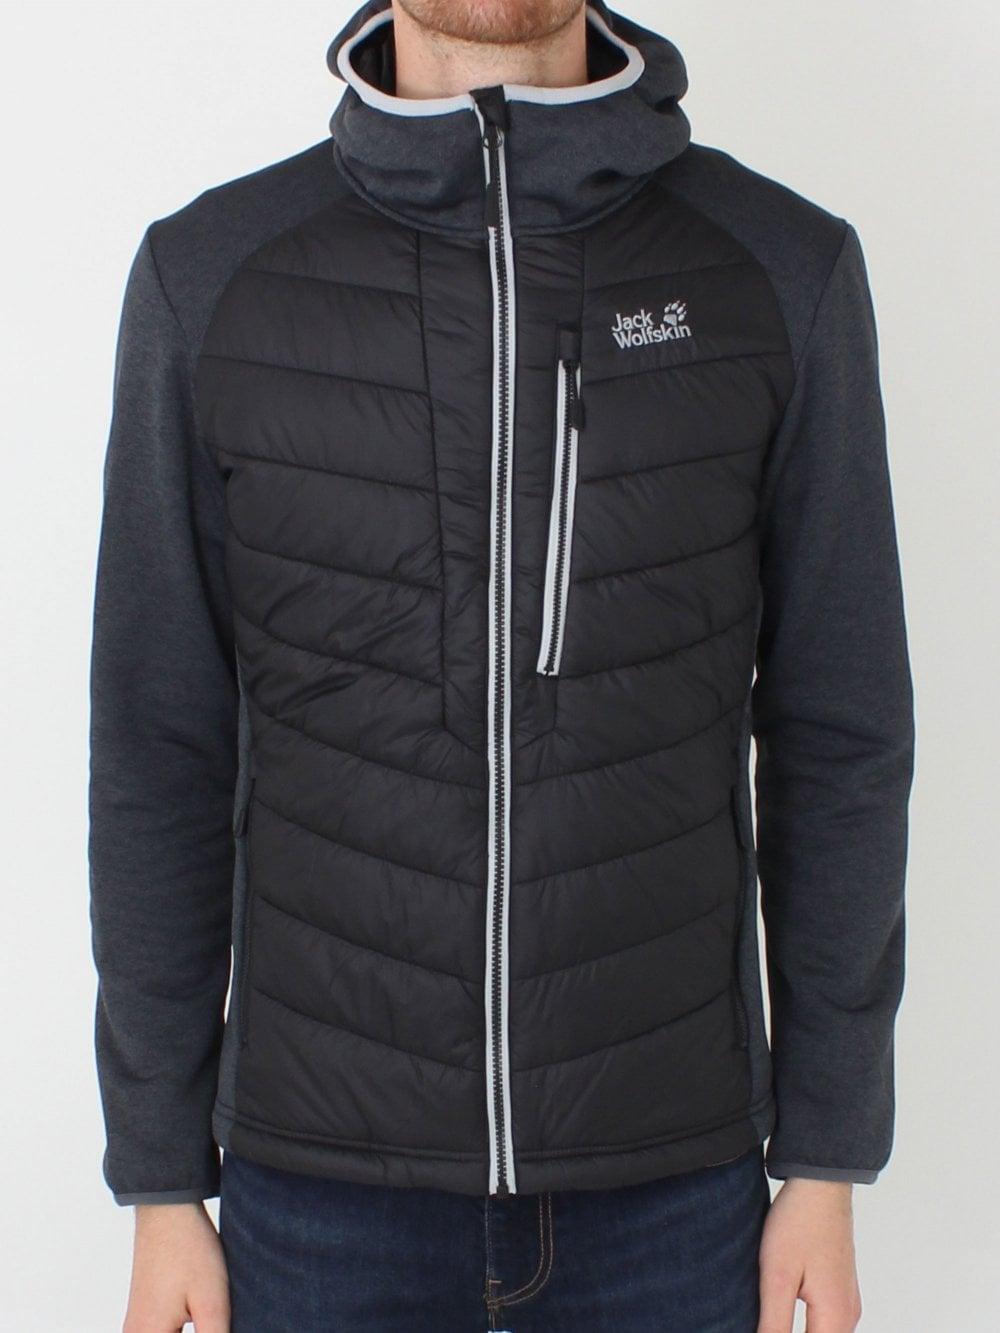 Jack Wolfskin Skyland Crossing Jacket Black Outerwear